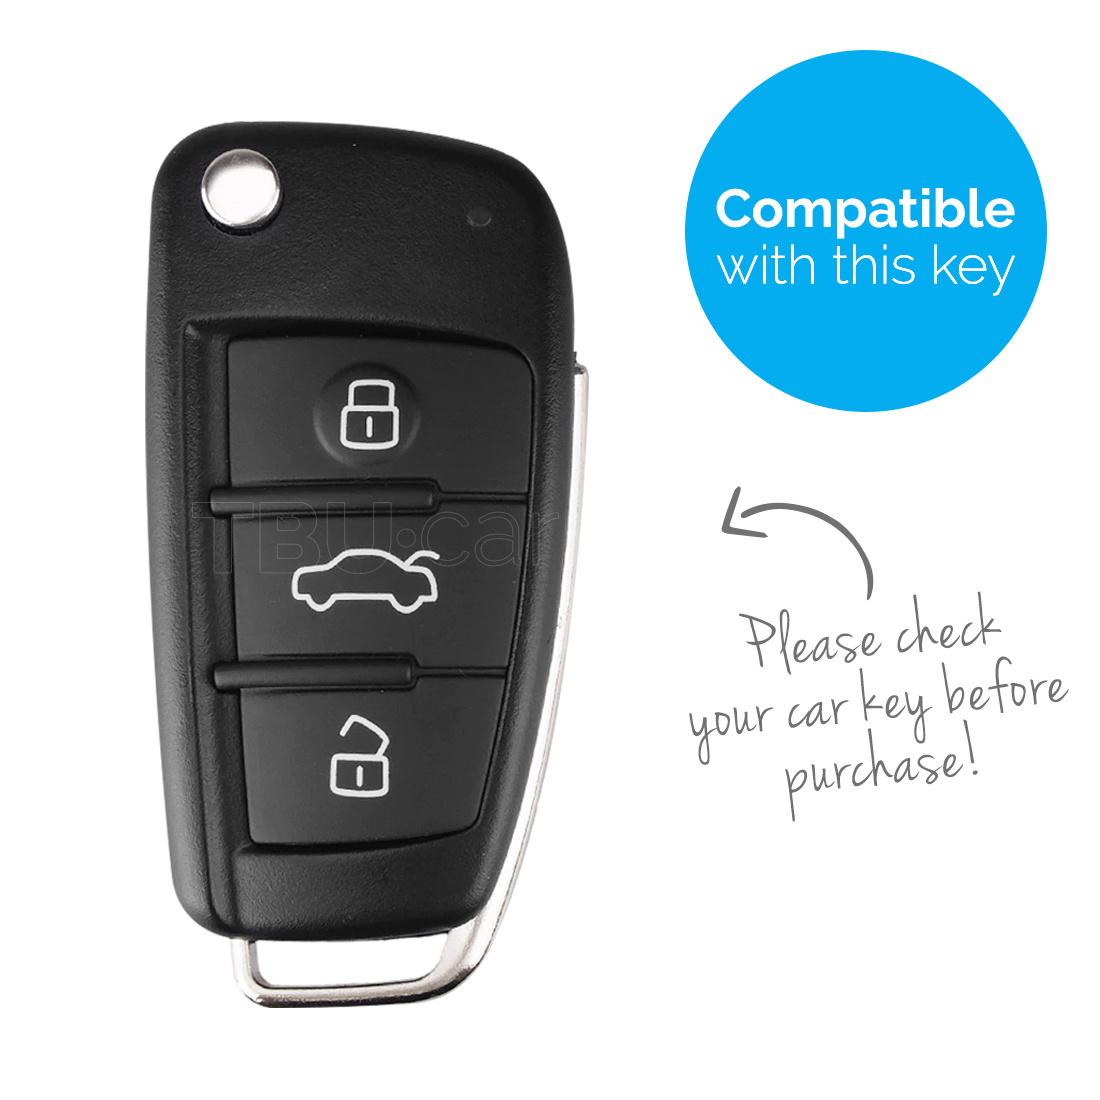 TBU car TBU car Sleutel cover compatibel met Audi - Silicone sleutelhoesje - beschermhoesje autosleutel - Oranje